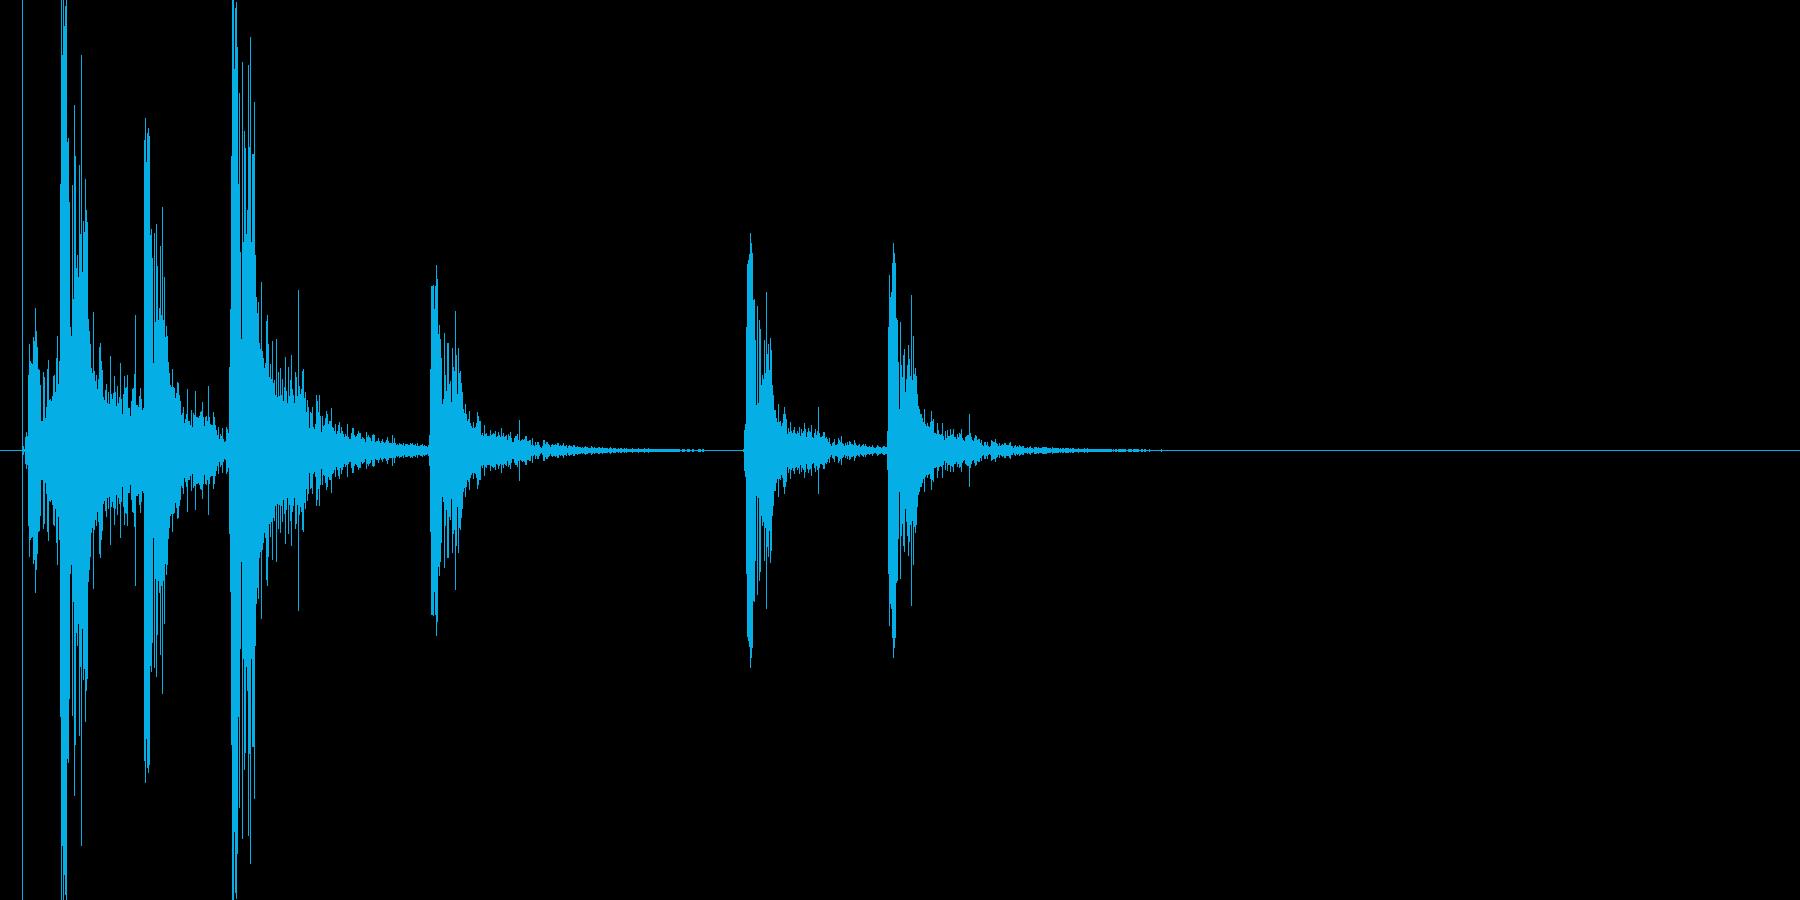 火花/スパーク音(バチバチバチッ)の再生済みの波形